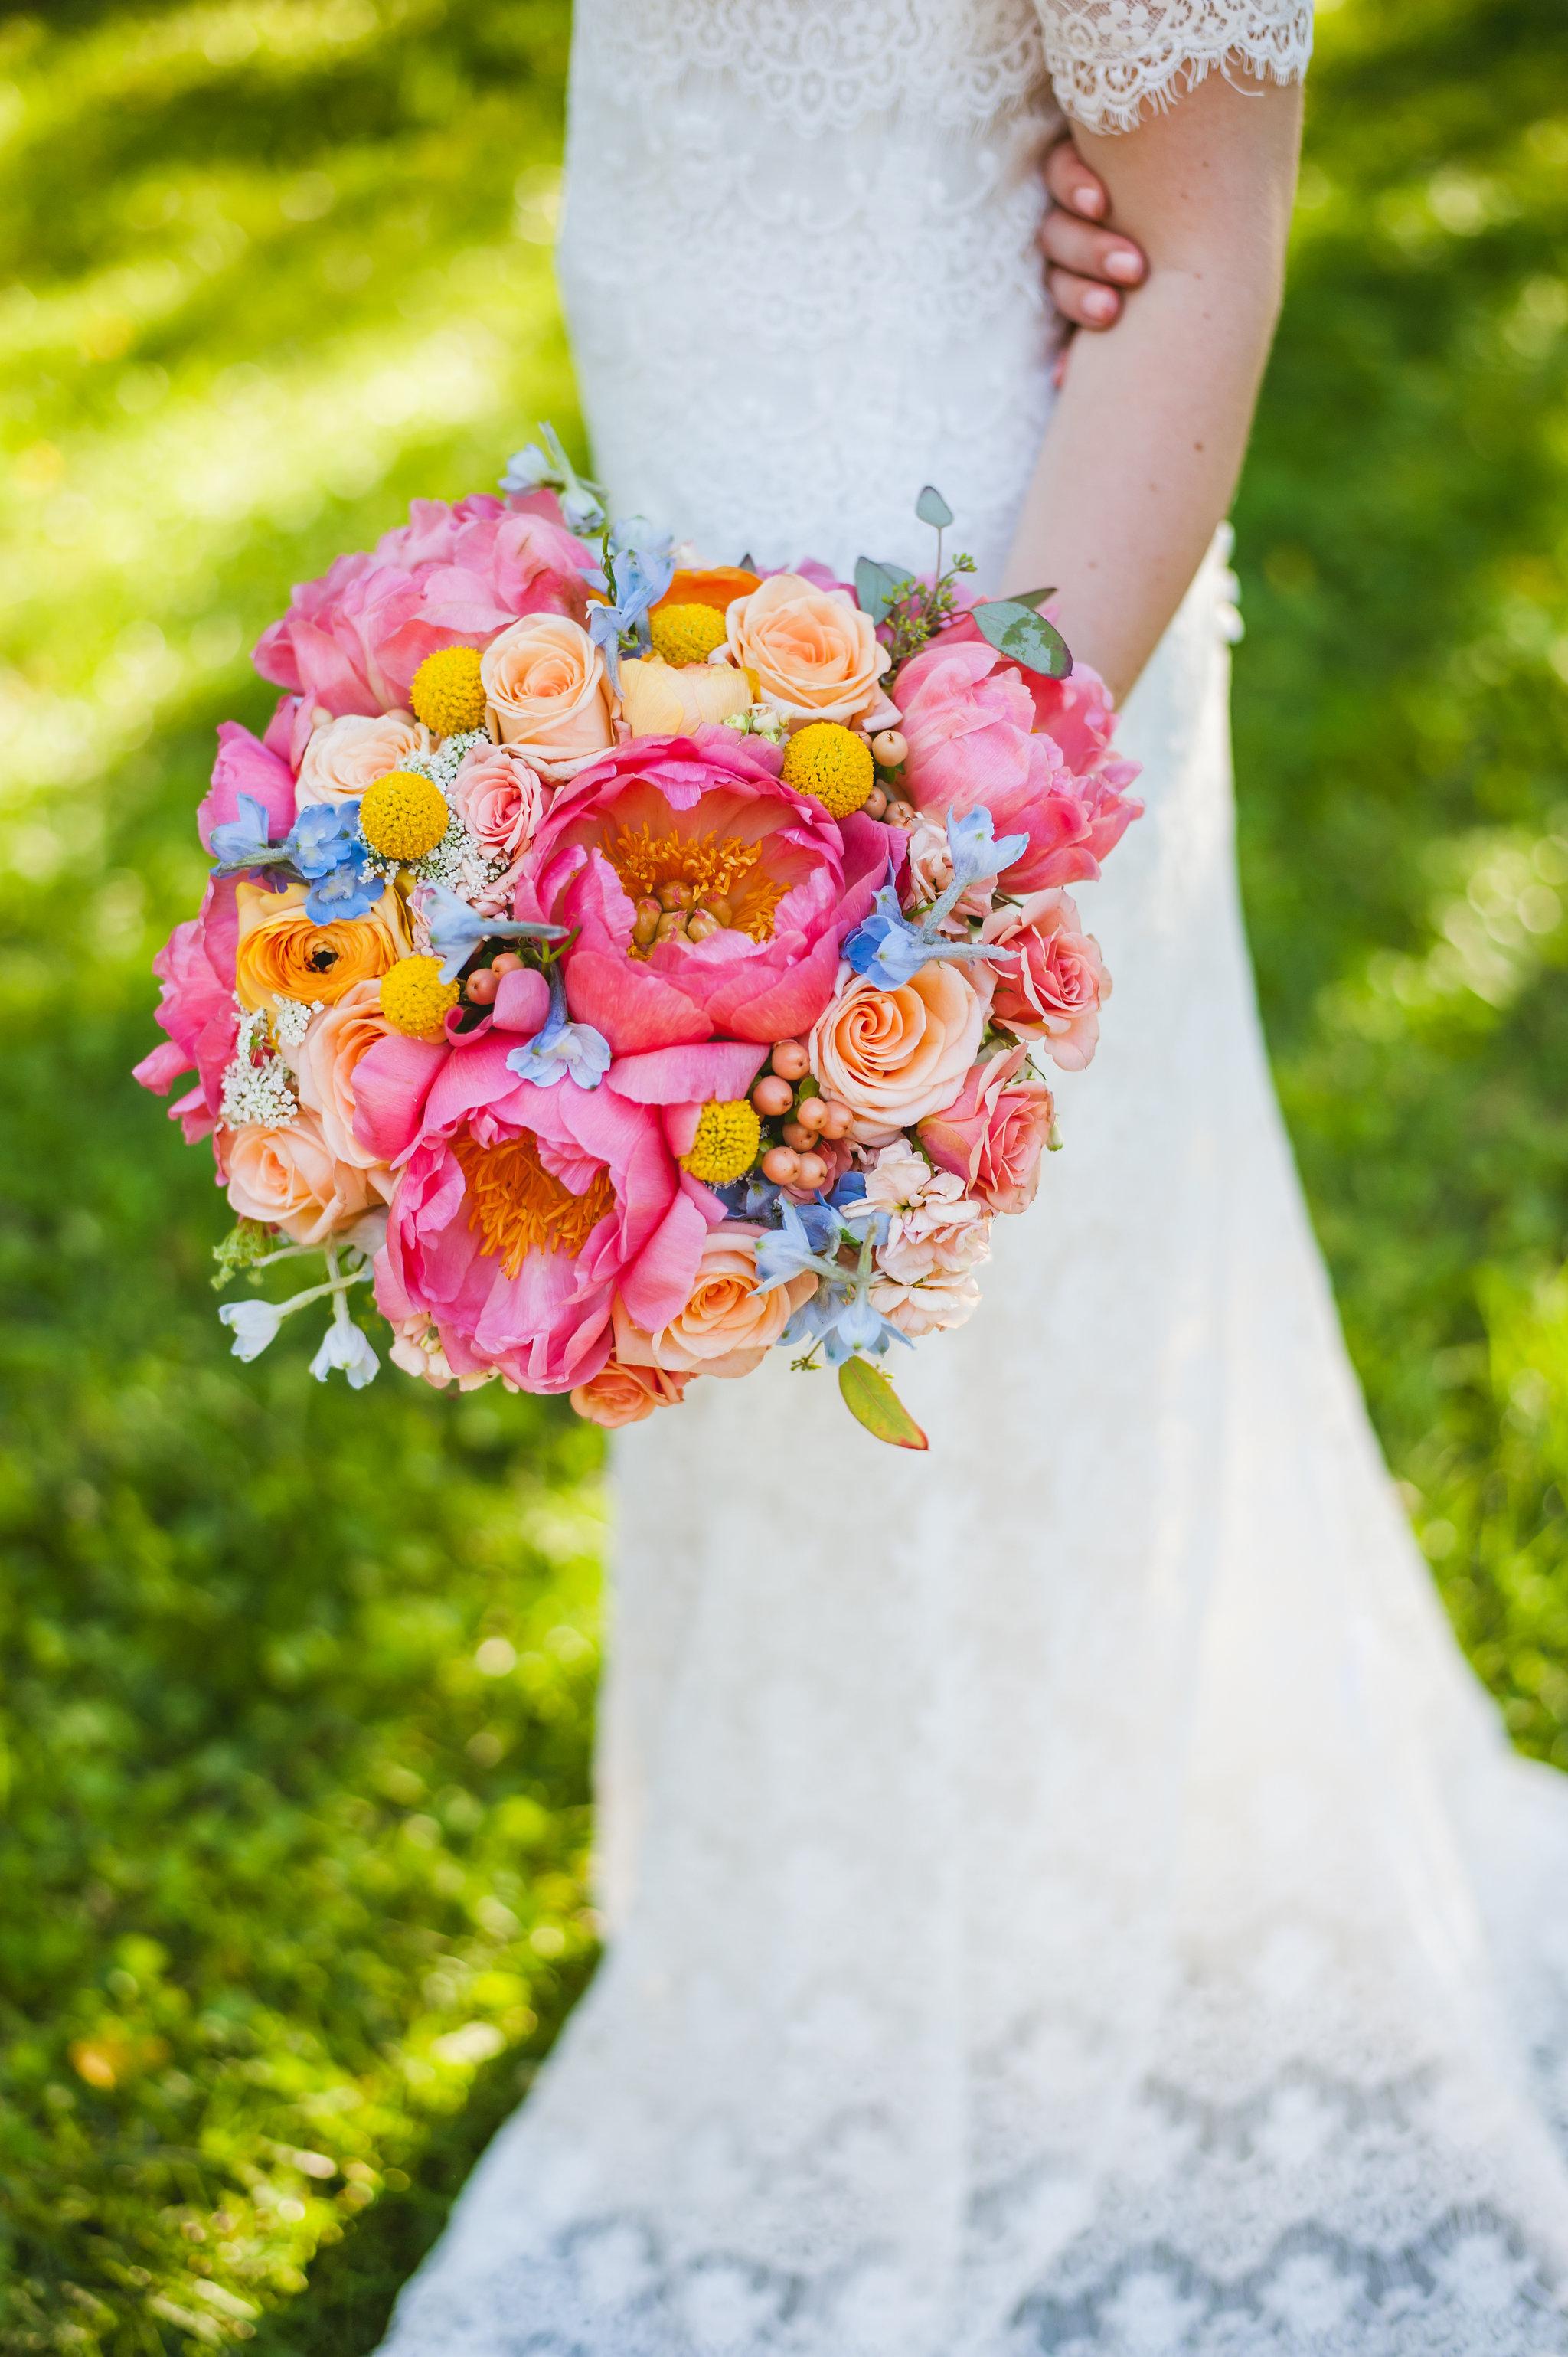 Colorful Bridal bouquet by Lark Floral